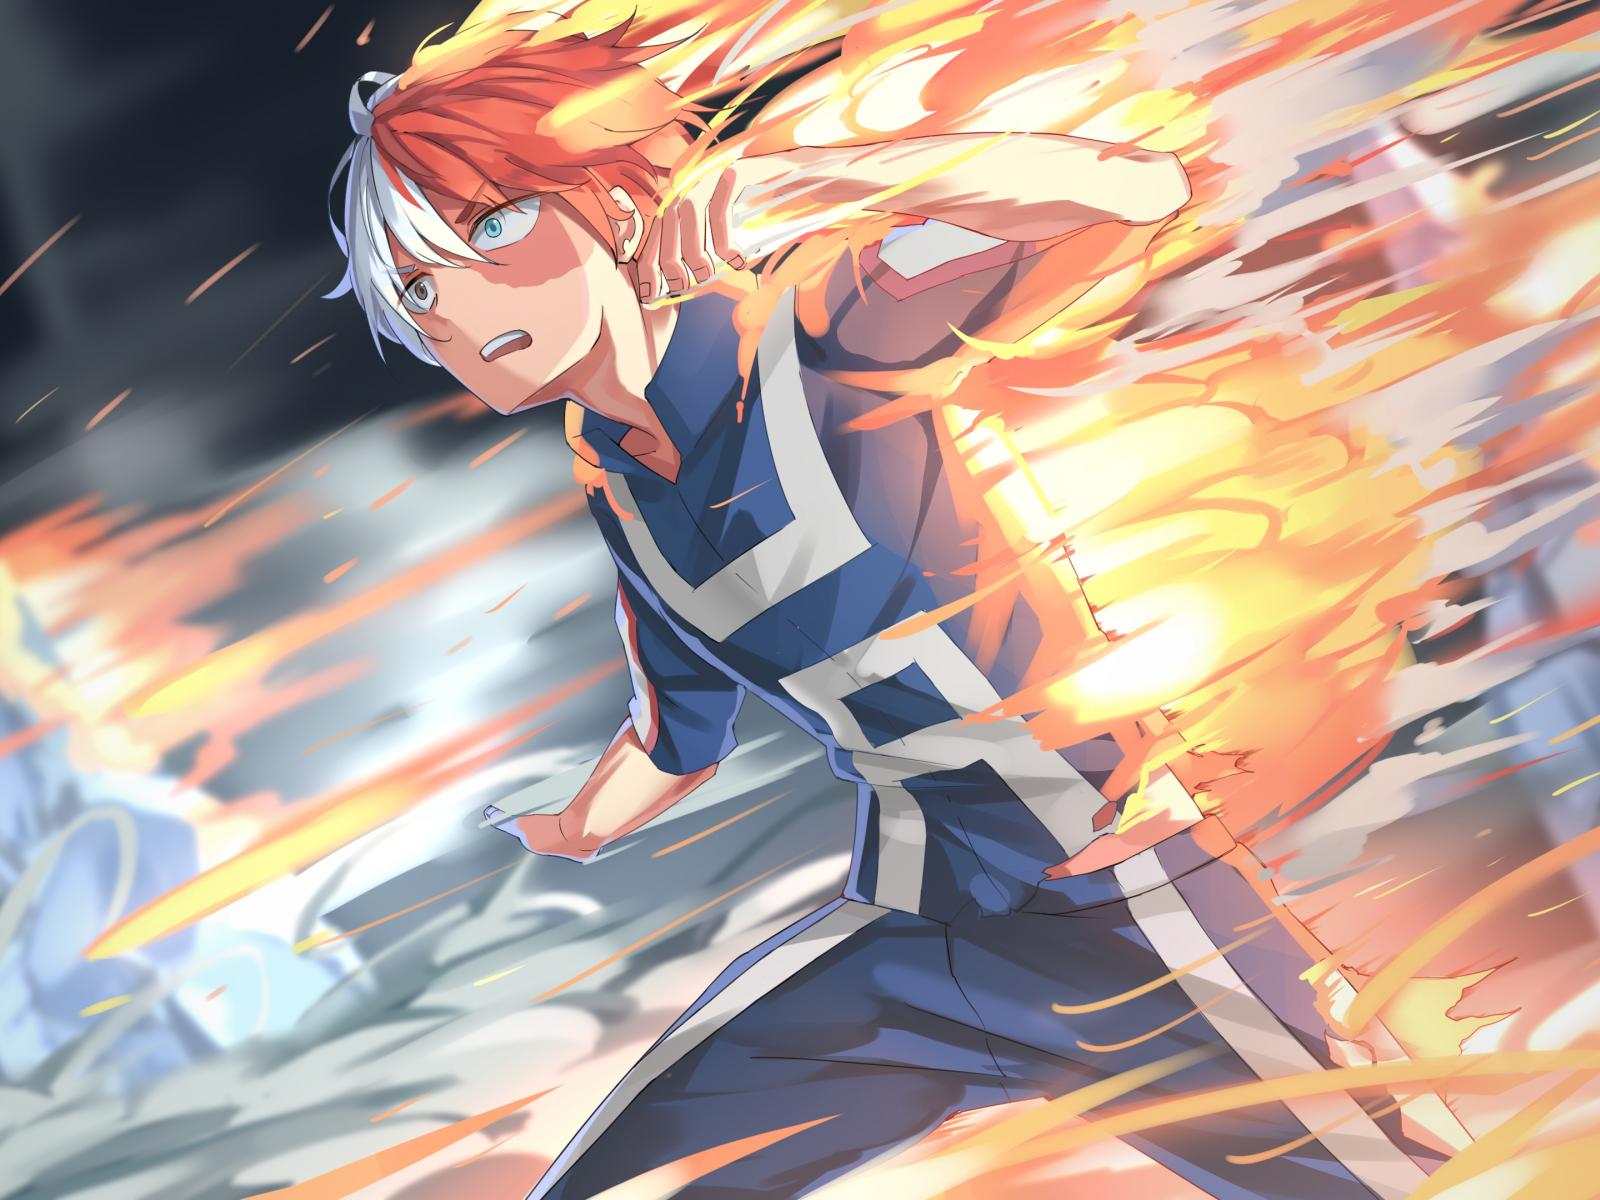 1600x1200 wallpaper Shouto Todoroki, Boku no Hero Academia, anime boy, run, fire